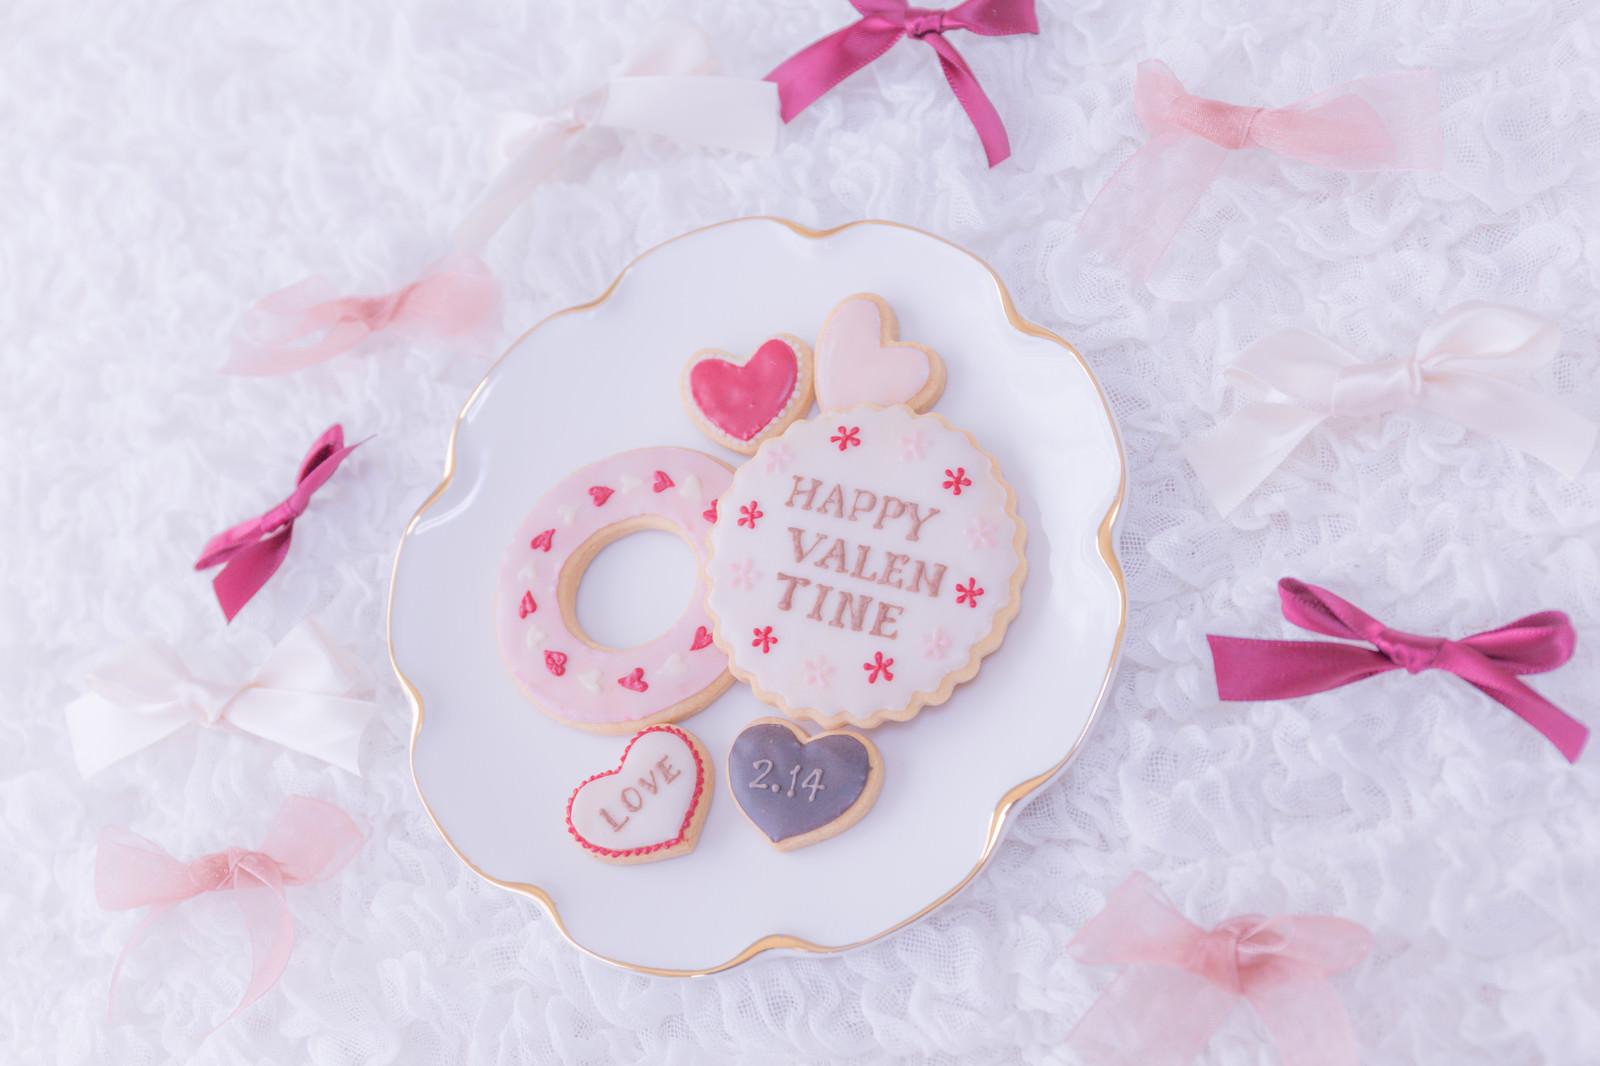 「2.14 バレンタインデーのクッキー」の写真